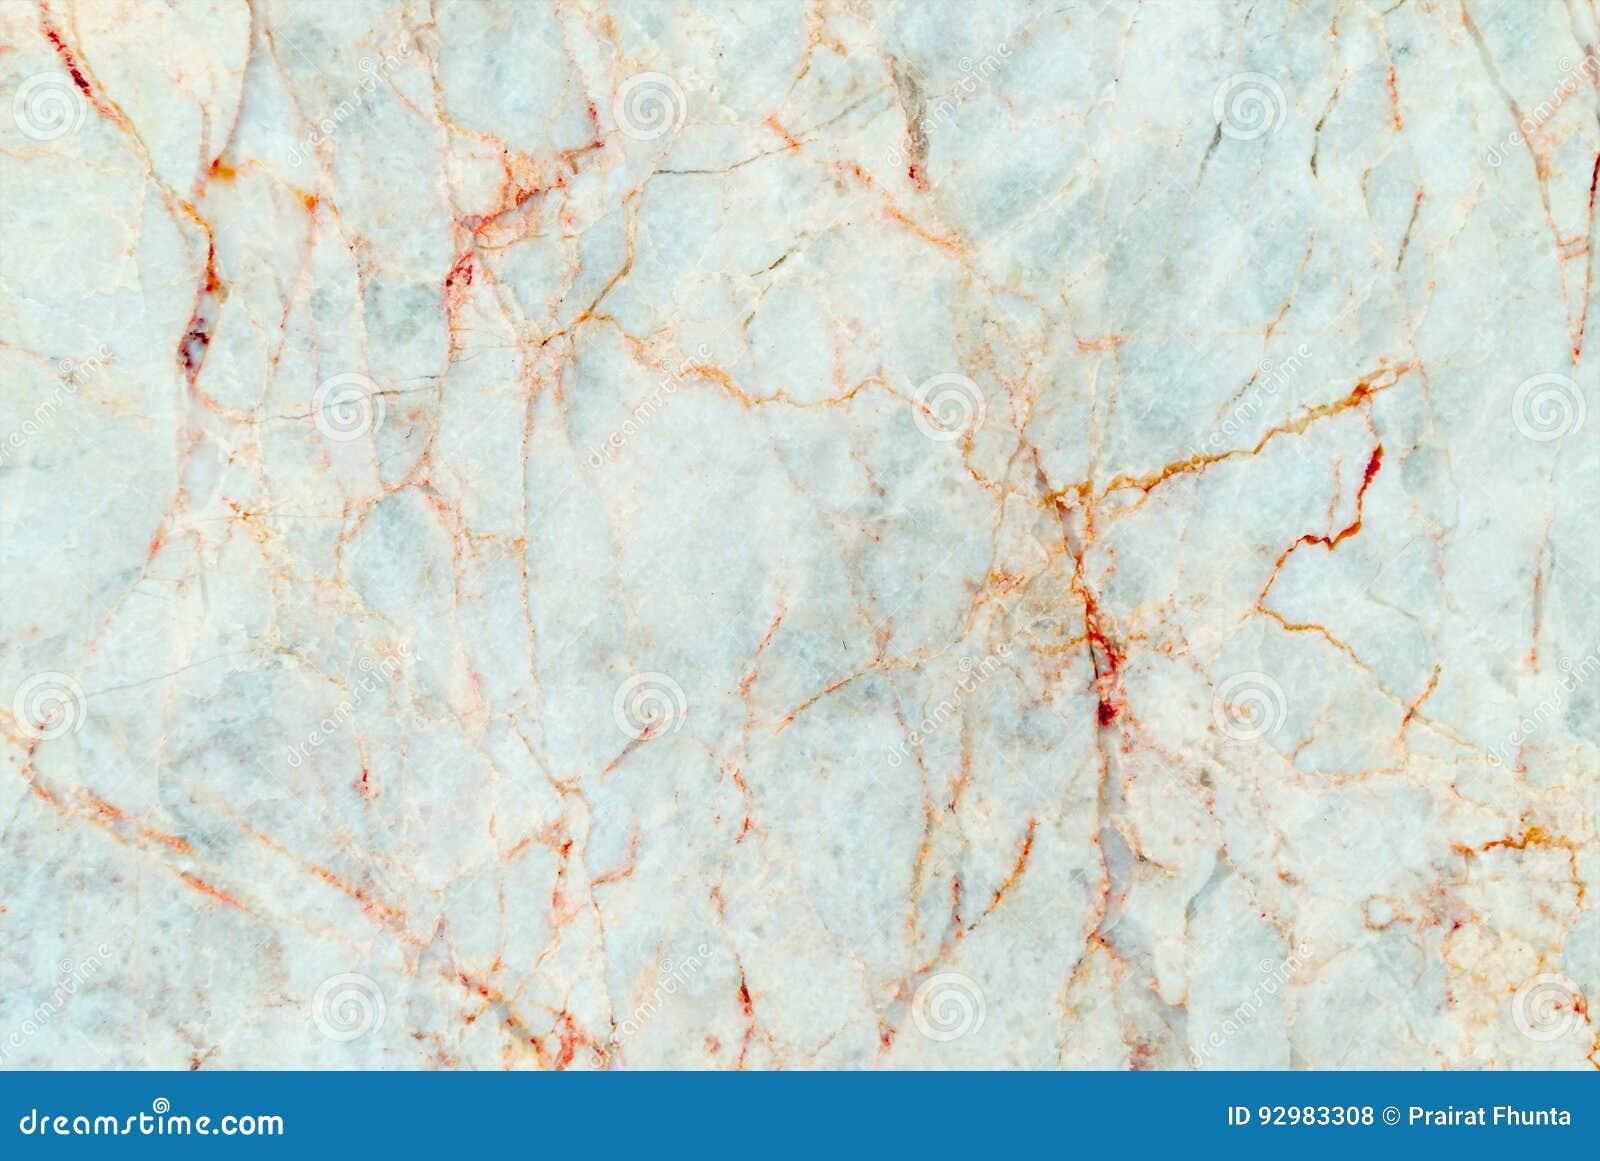 Textura de mármore com os lotes do contraste corajoso que veiam